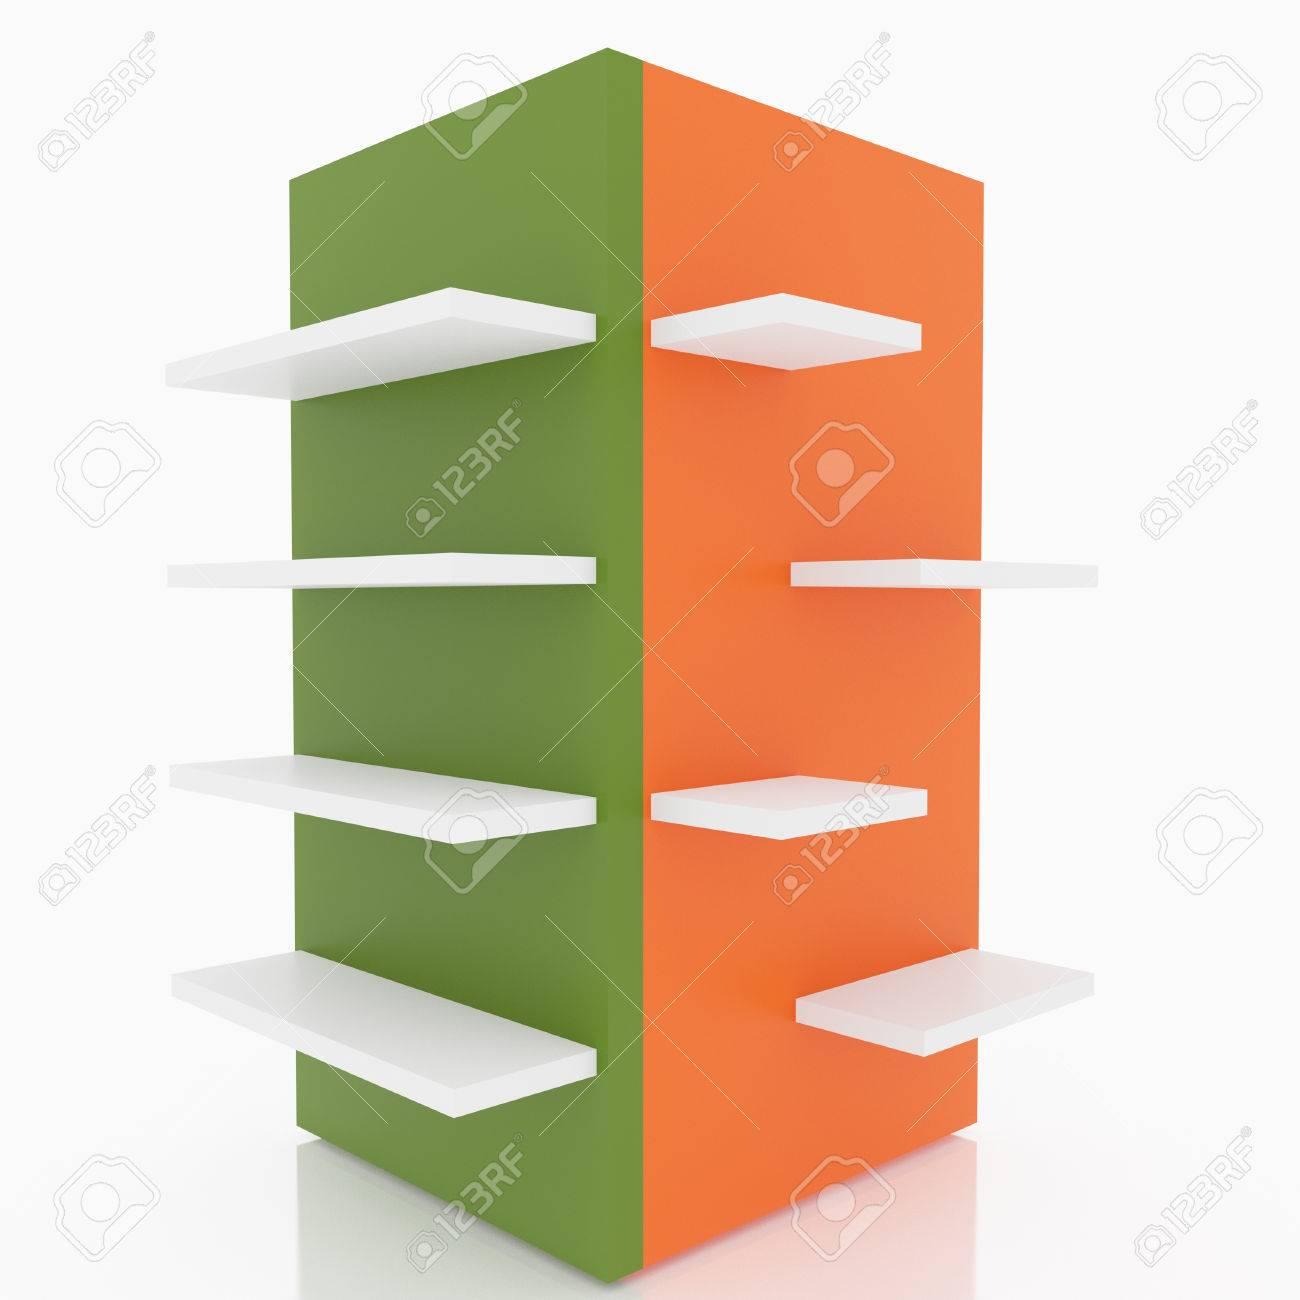 Full Size of Regal Grün Regale Grn Und Orange Auf Weiem Hintergrund Lizenzfreie Bito Metall Paschen Vorratsraum Amazon Weiß Hochglanz Naturholz Günstig Aus Obstkisten Regal Regal Grün